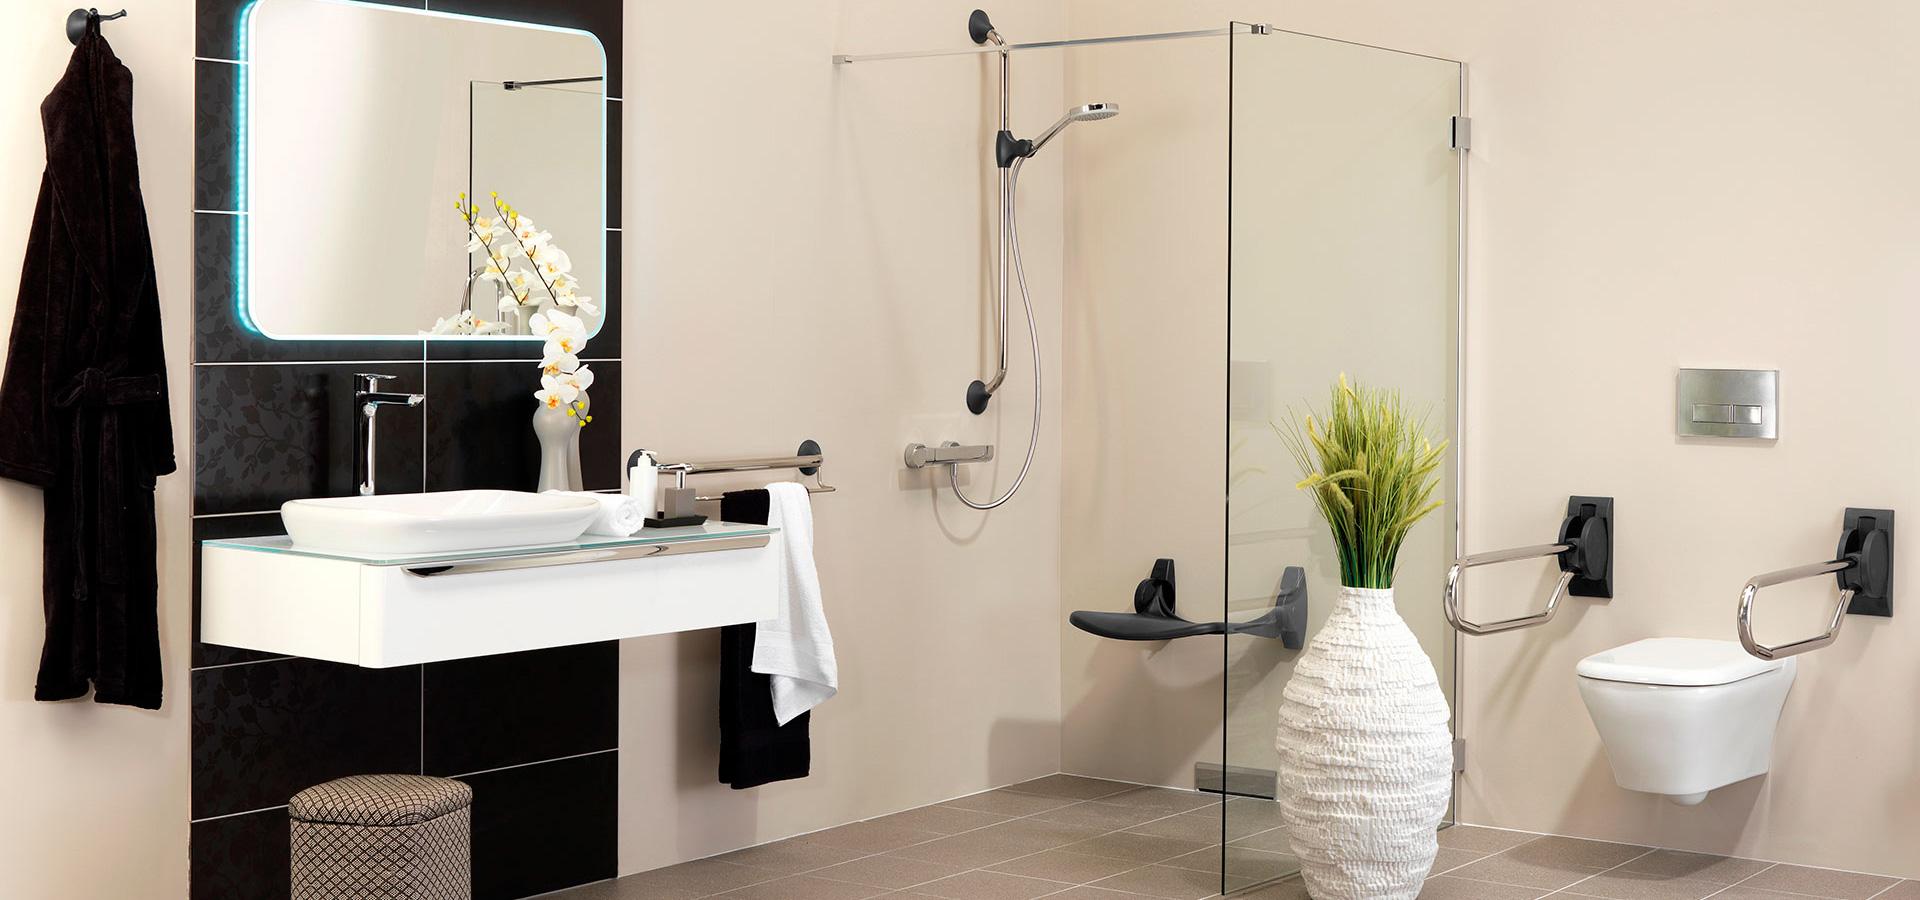 Oplossingen voor een veilige badkamer